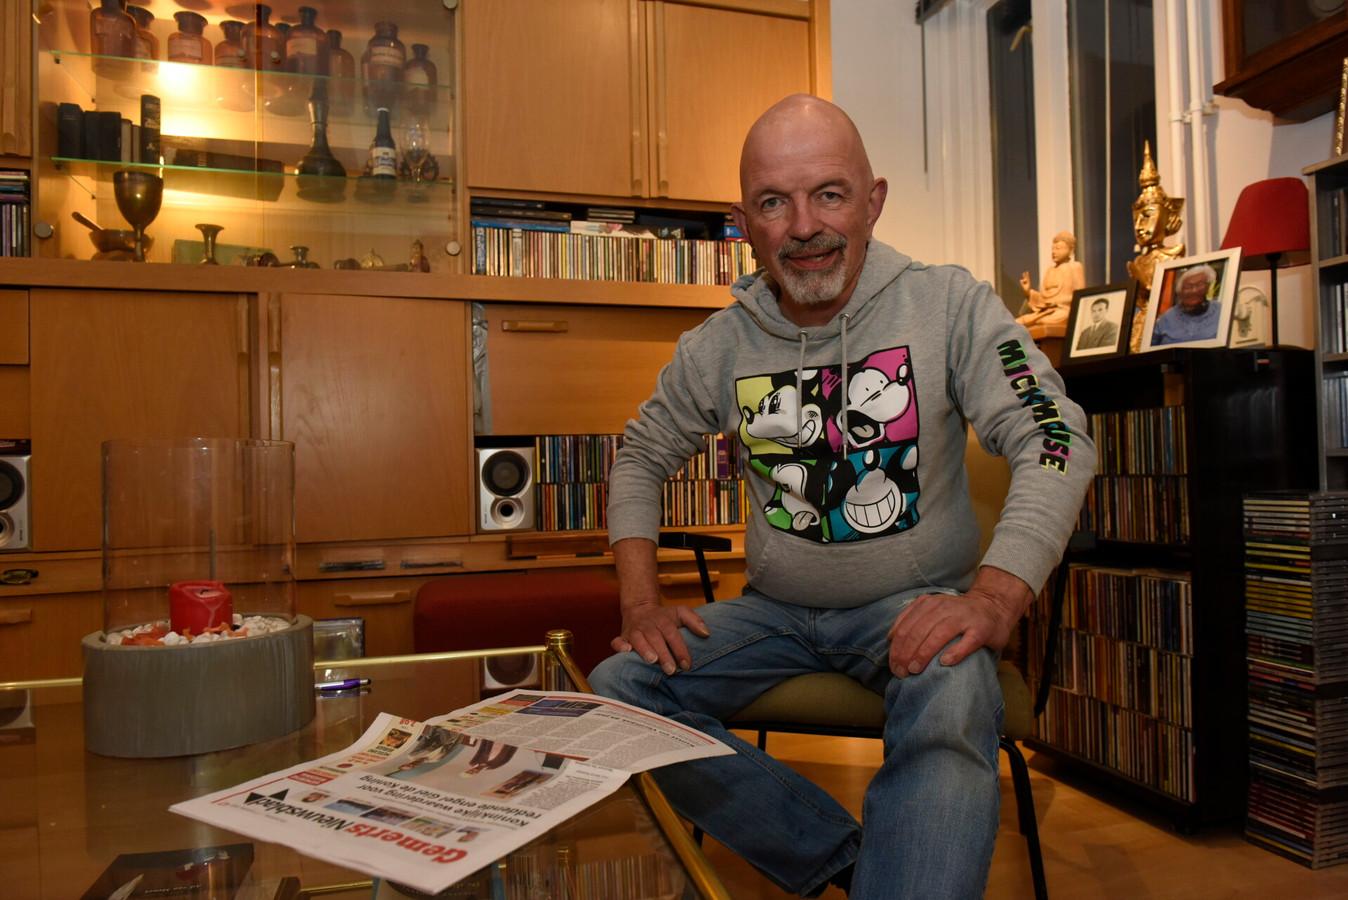 Paul Swinkels uit Gemert had ook een bijdrage aan de redding van zijn buurvouw uit een brandende woning.